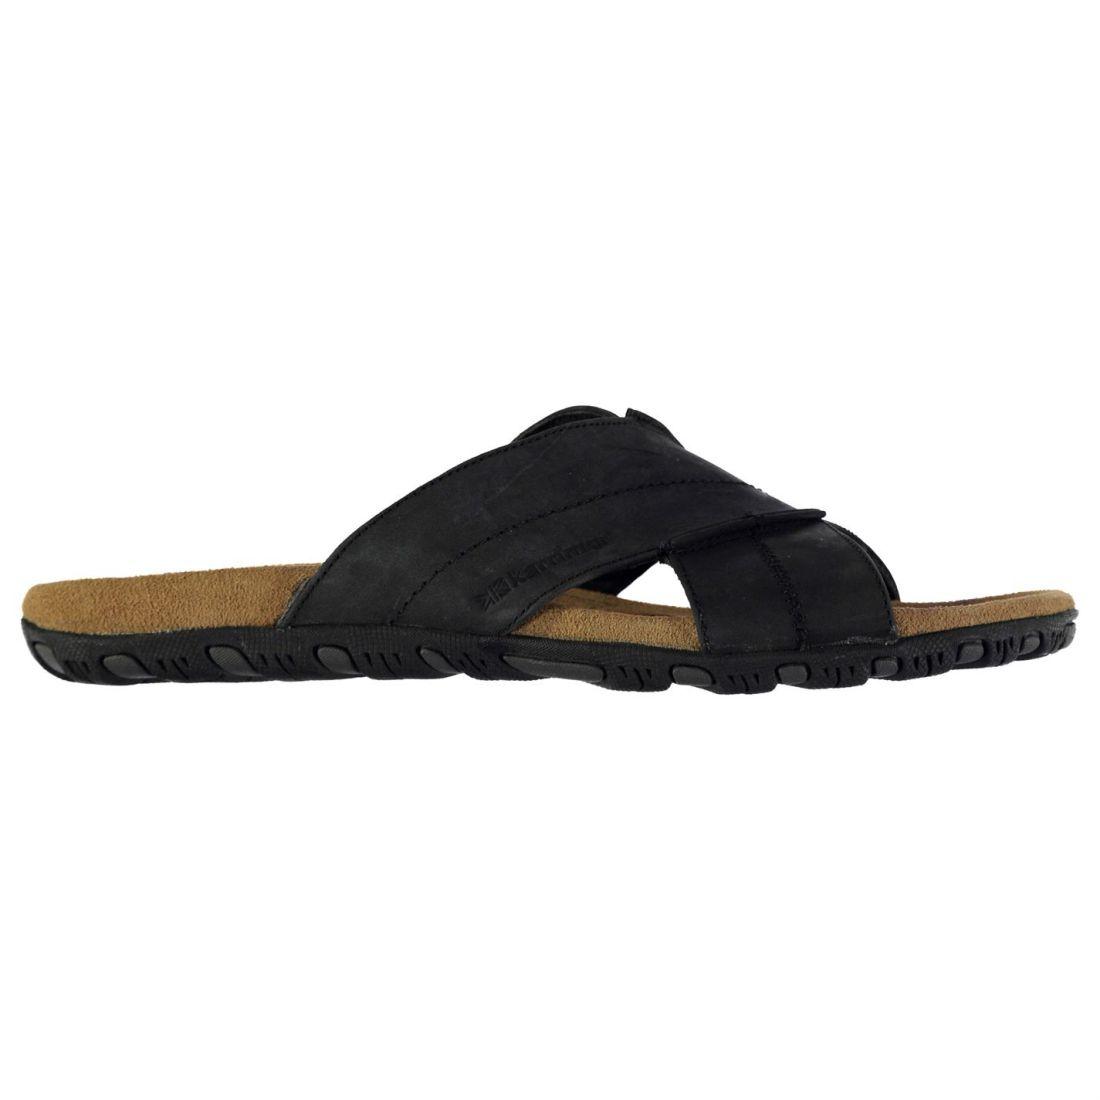 867ba19096c Karrimor Mens Lounge Slide Leather Sandals Summer Shoes Cross Over Strap